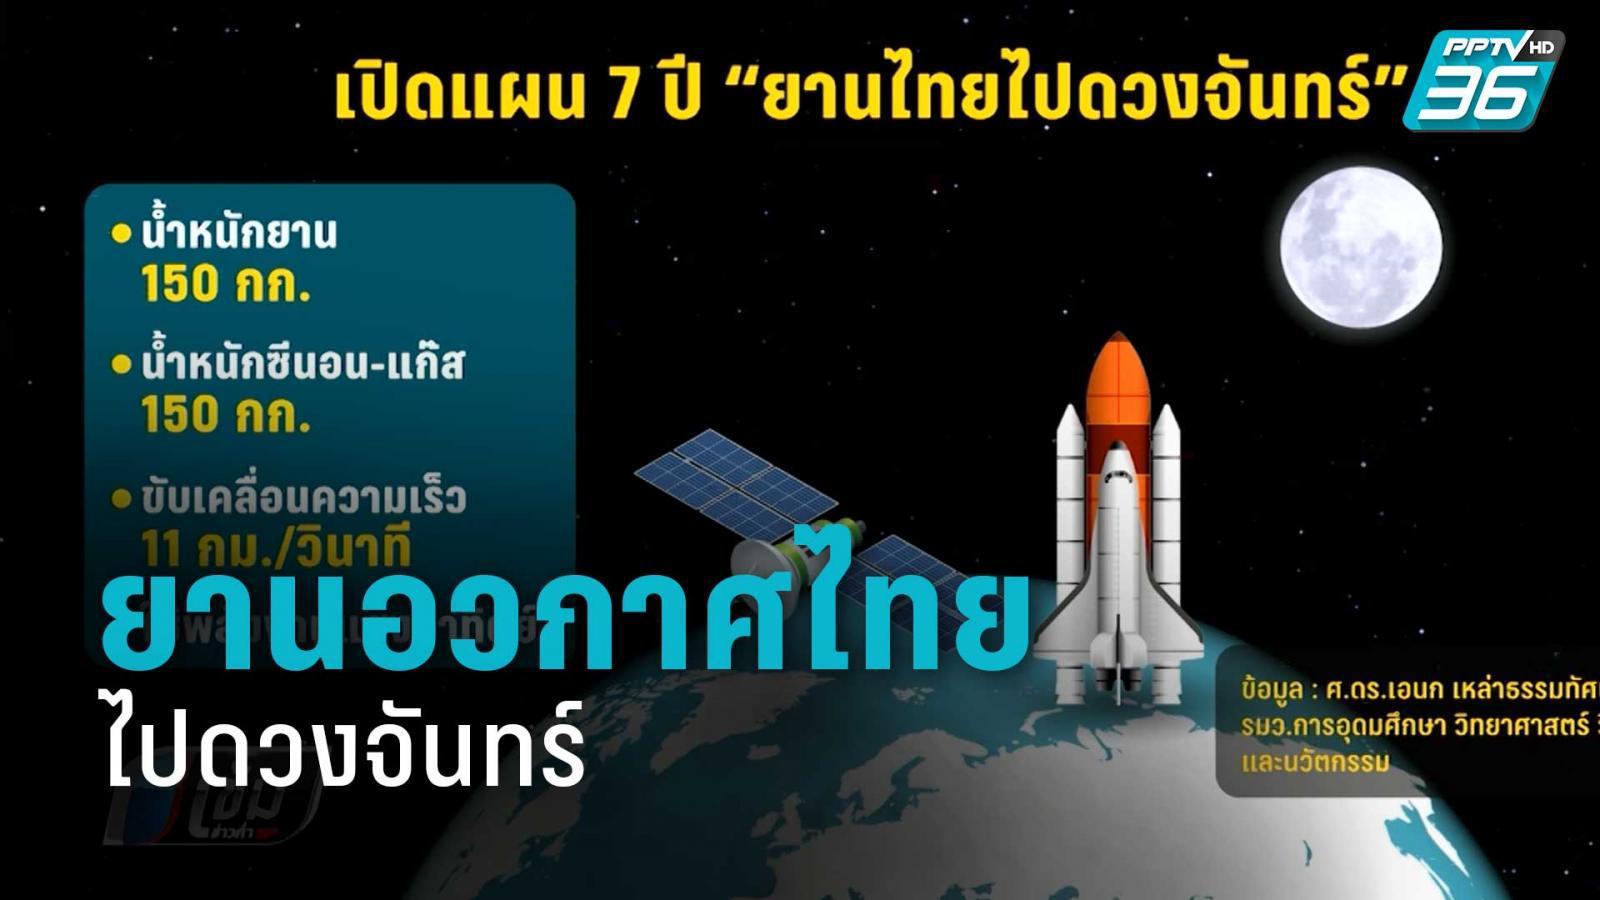 เปิดแผน 7 ปี ยานอวกาศไทยไปดวงจันทร์